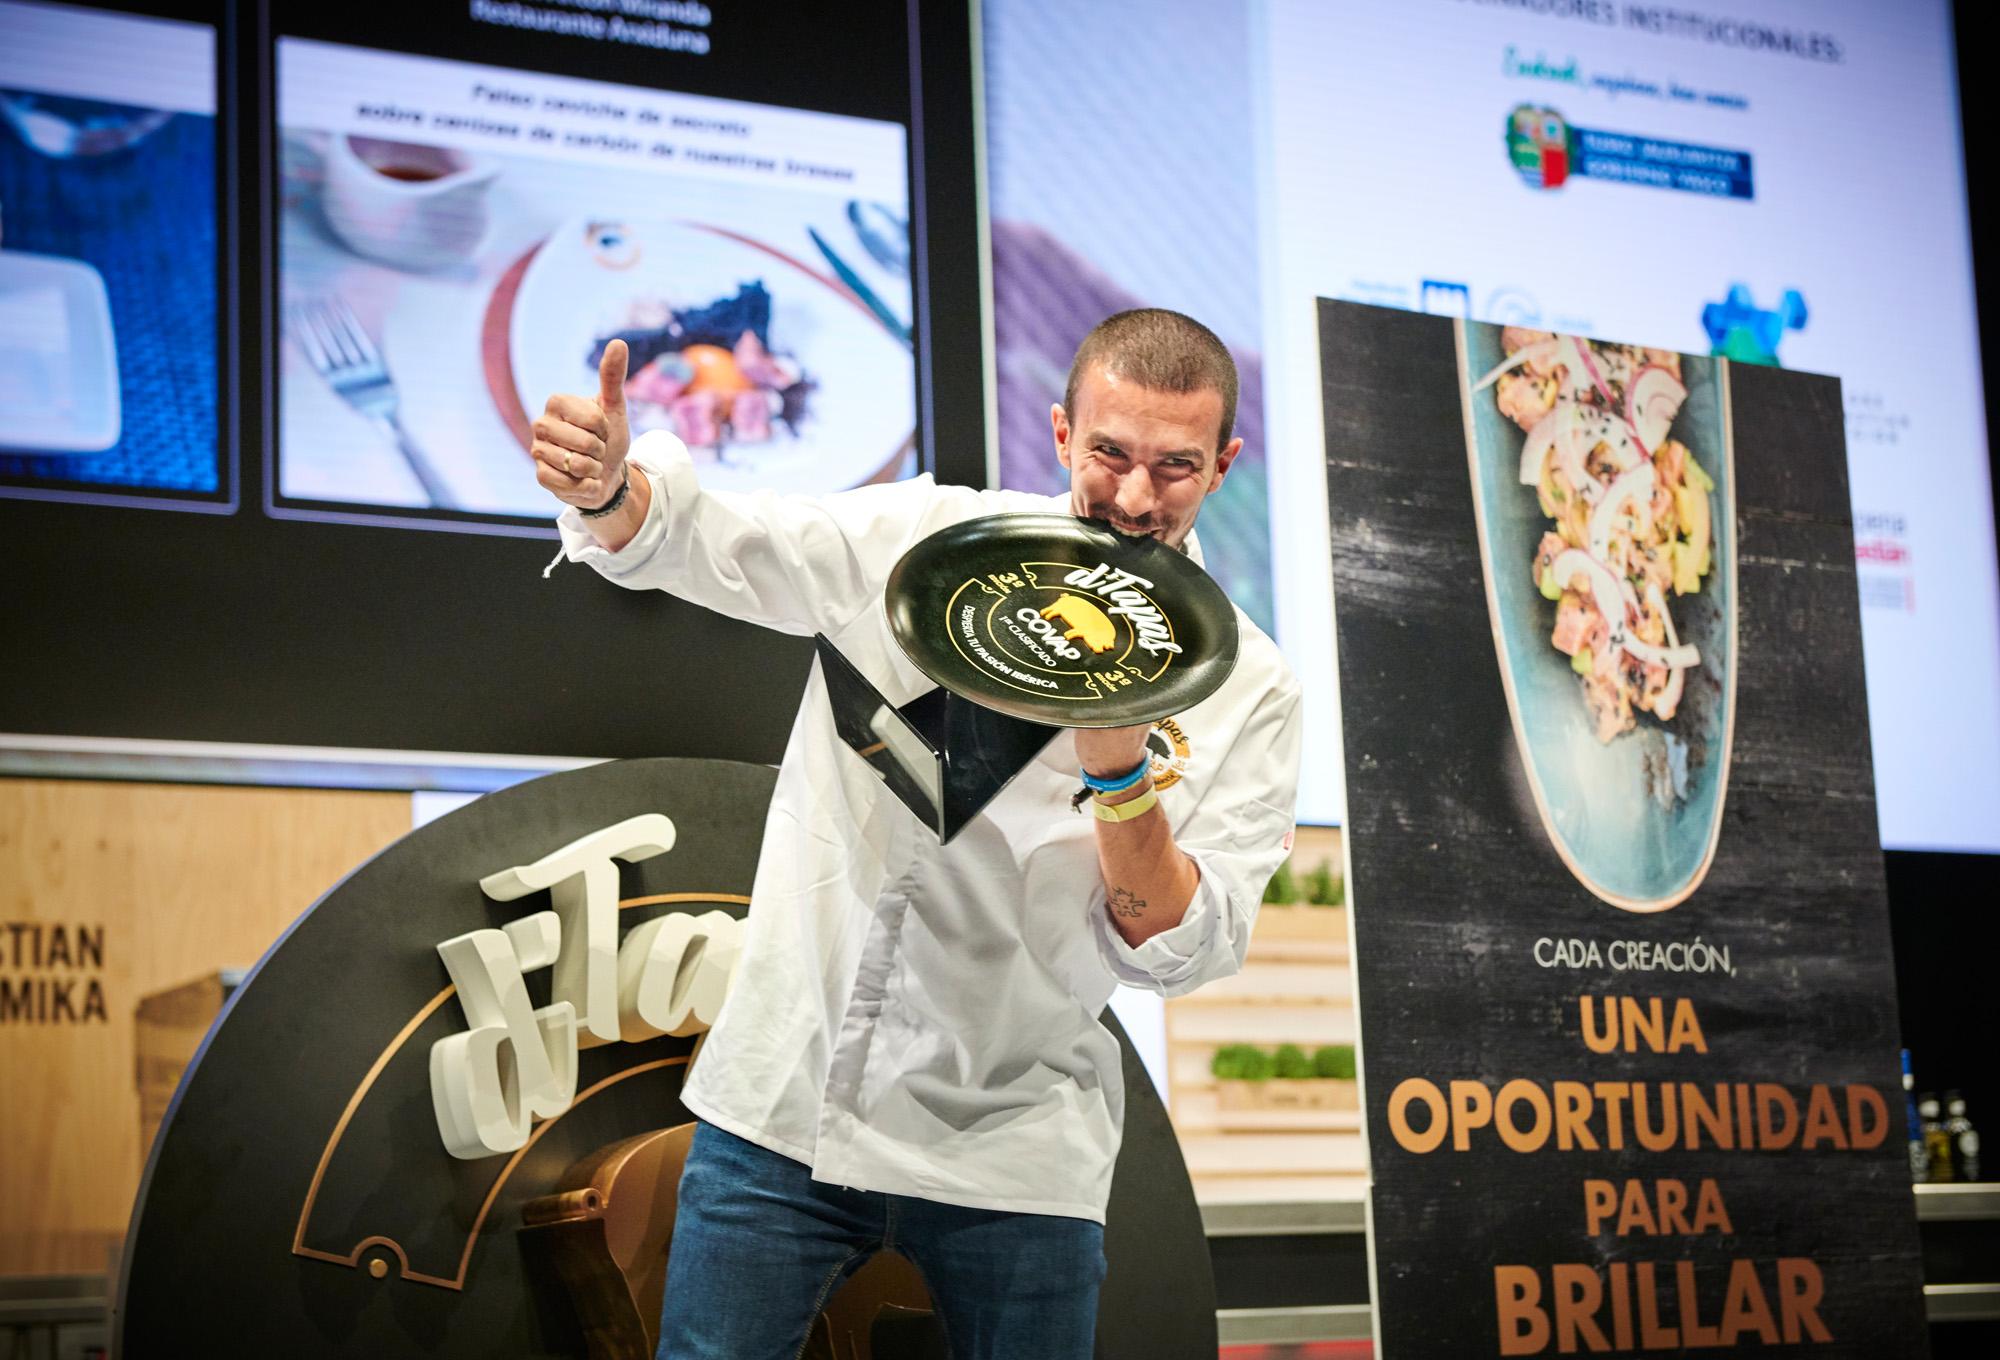 Rubén Antón Ganador de D'Tapas 2018 | COVAP